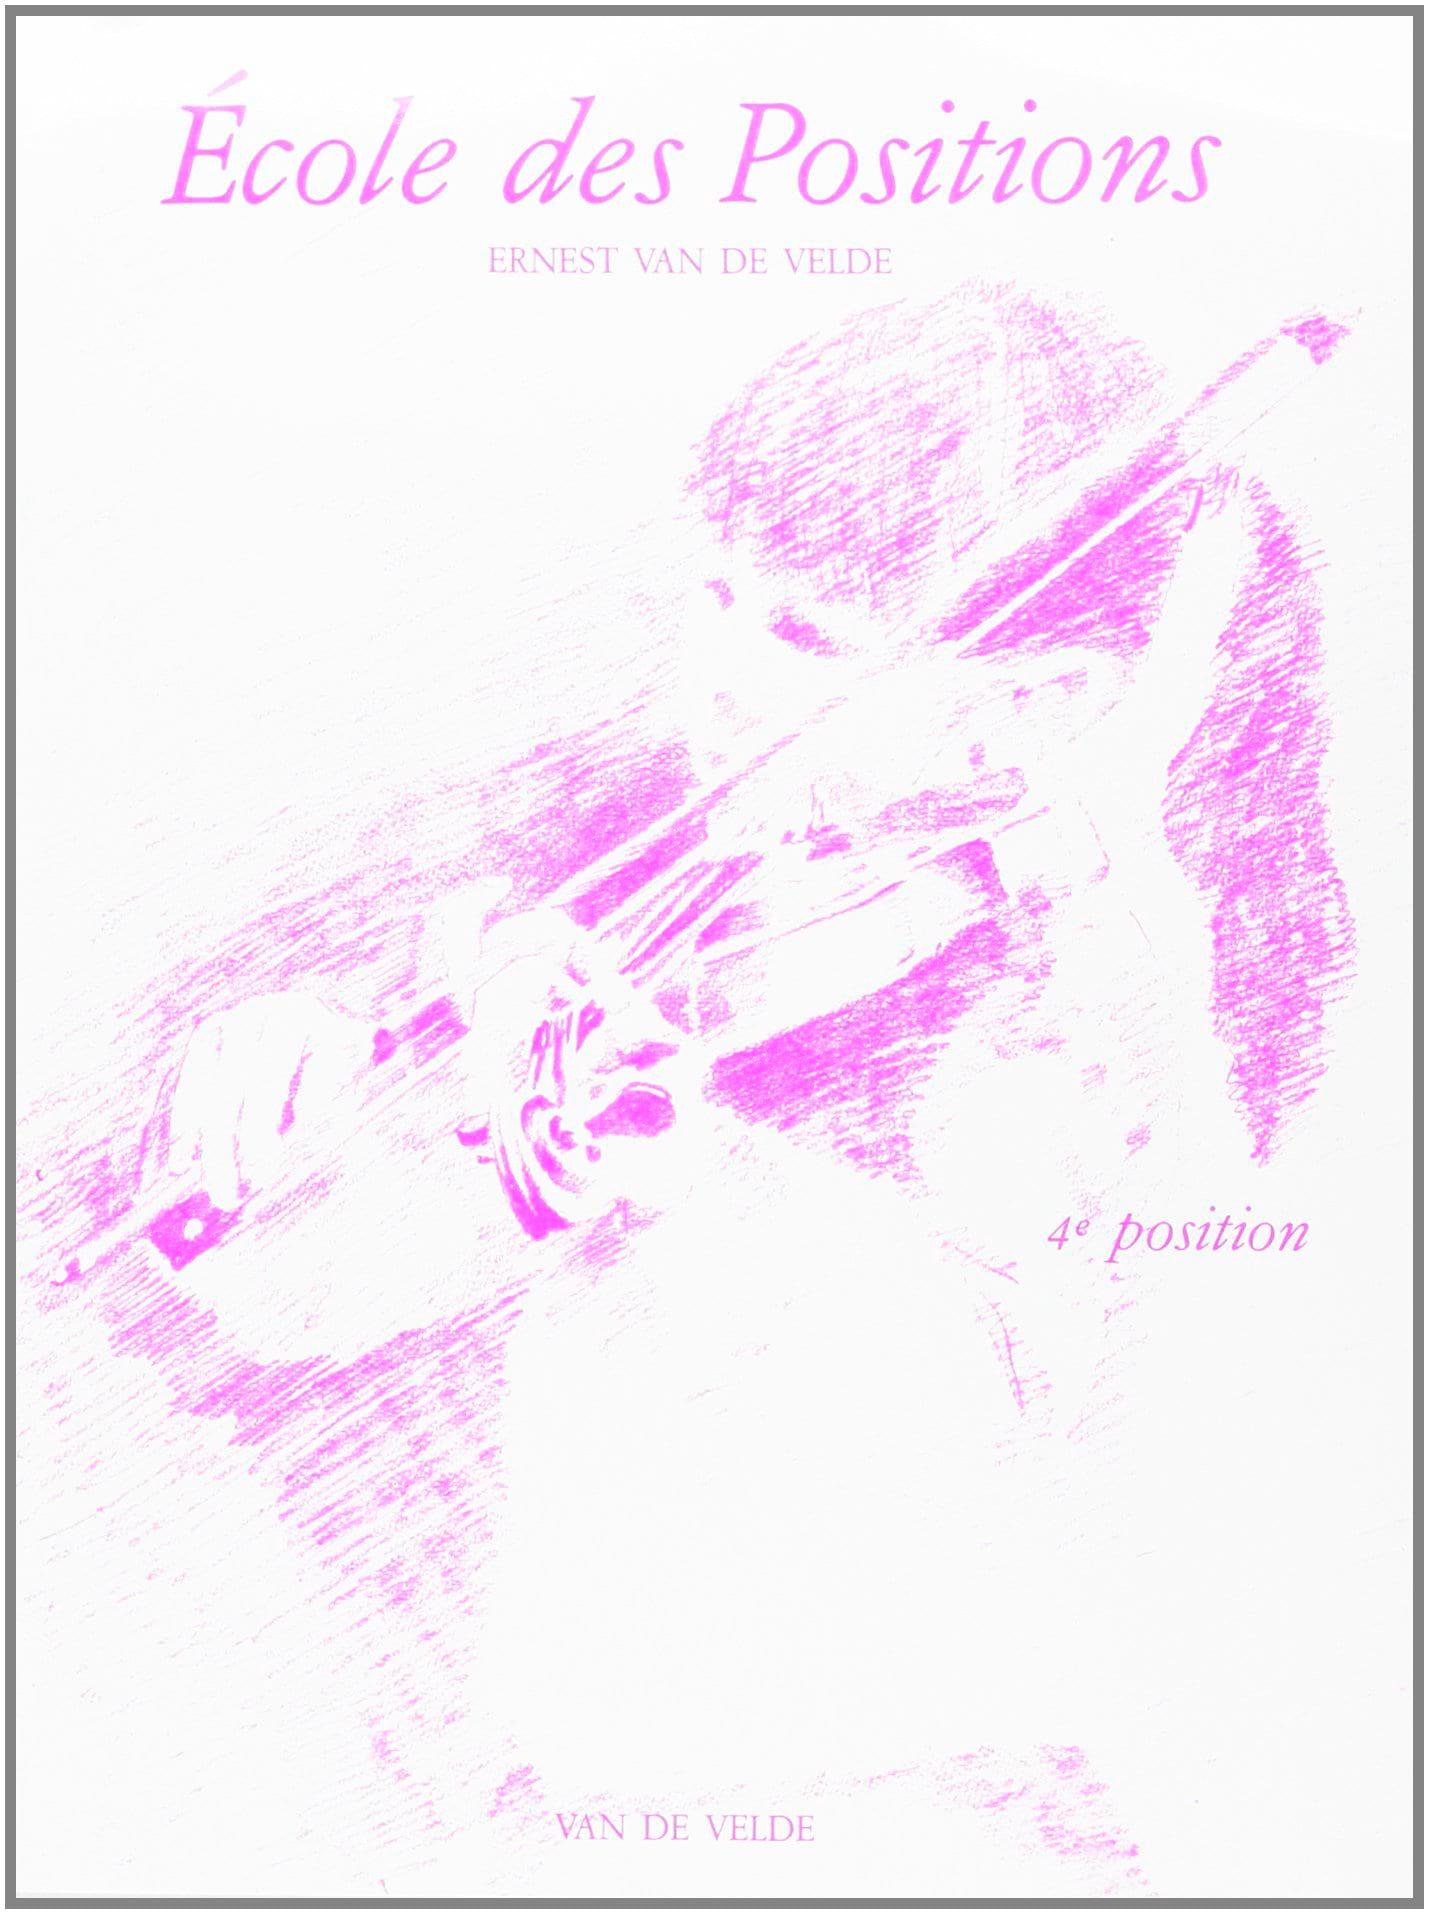 VAN DE VELDE - School of Positions - 4a posizione - Partition - di-arezzo.it